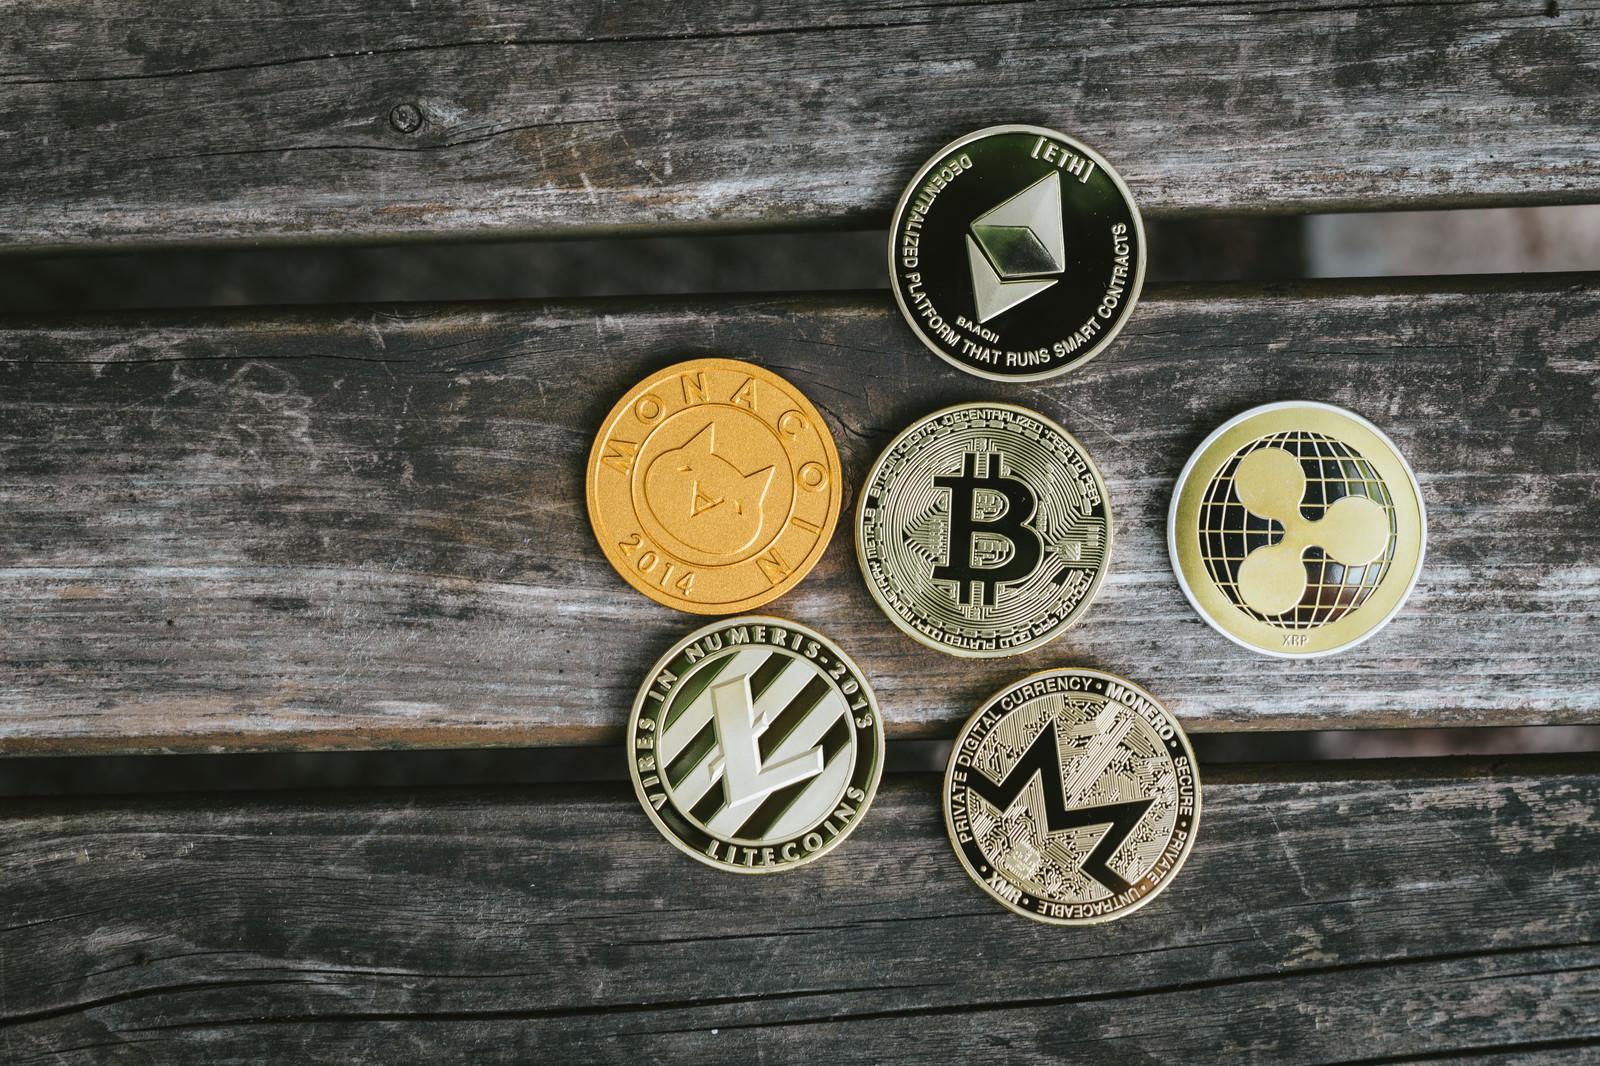 「ビットコインを草コインが囲む」の写真